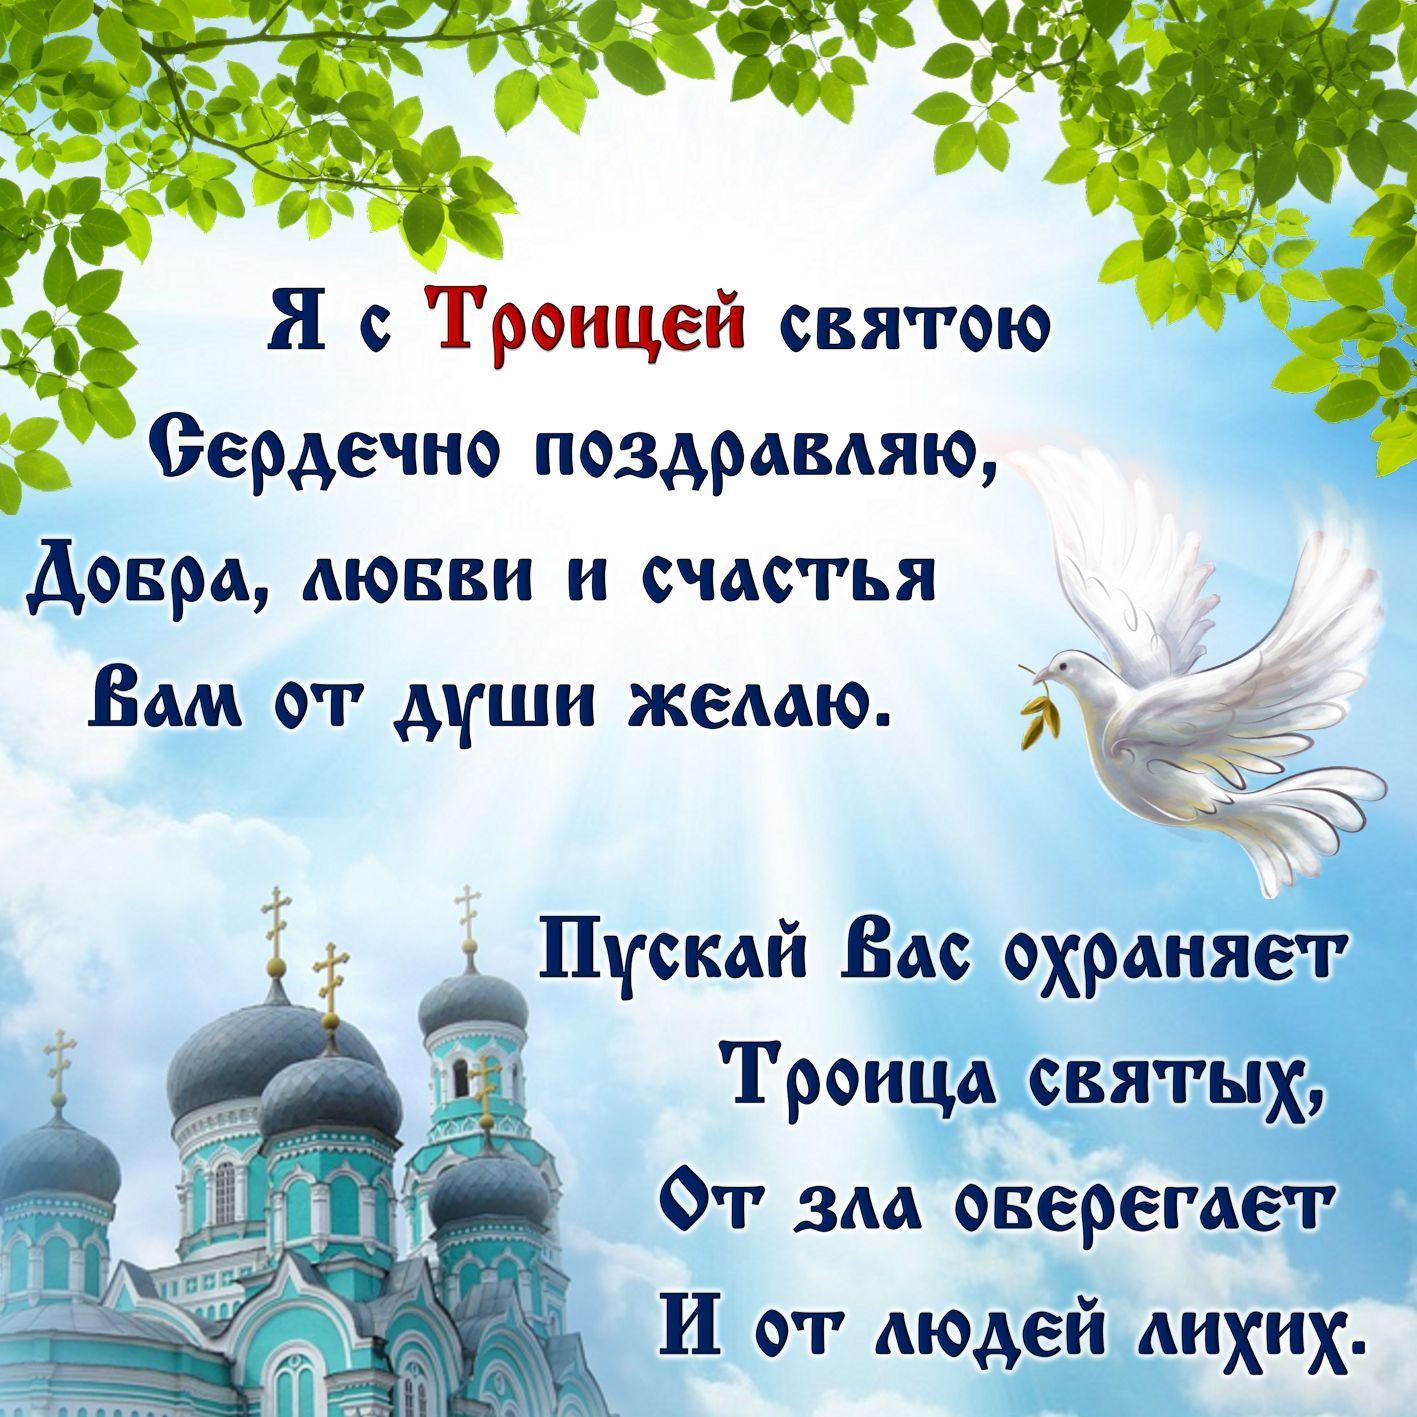 Фото Святая Троица 20 июня: душевные открытки и поздравления 6